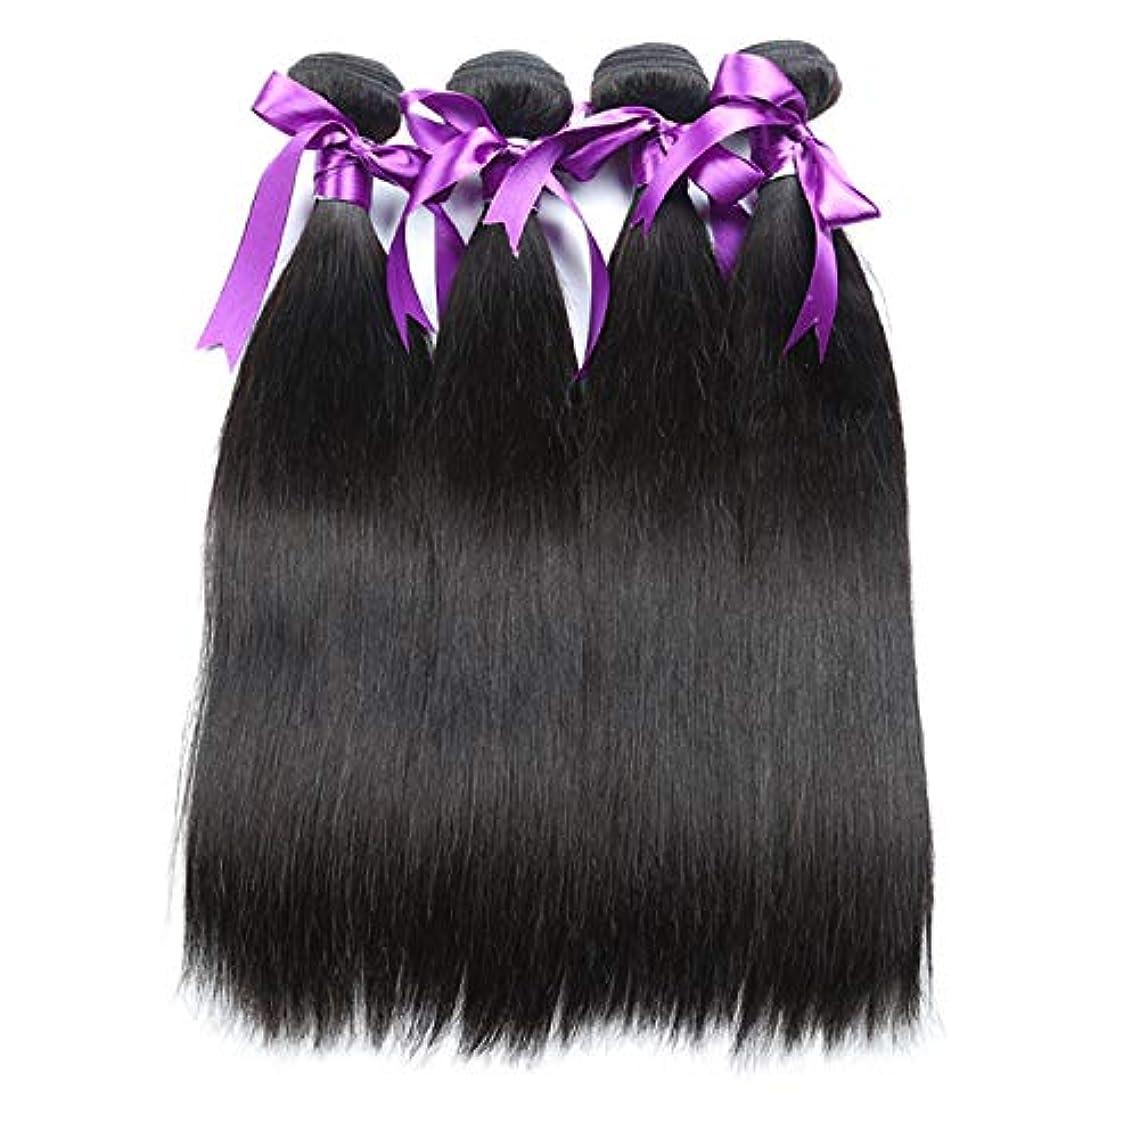 変換むしゃむしゃマラドロイトかつら 人毛バンドルブラジルストレートヘア非レミーヘアエクステンションナチュラルブラックヘアエクステンション4個 (Length : 20 22 24 26)